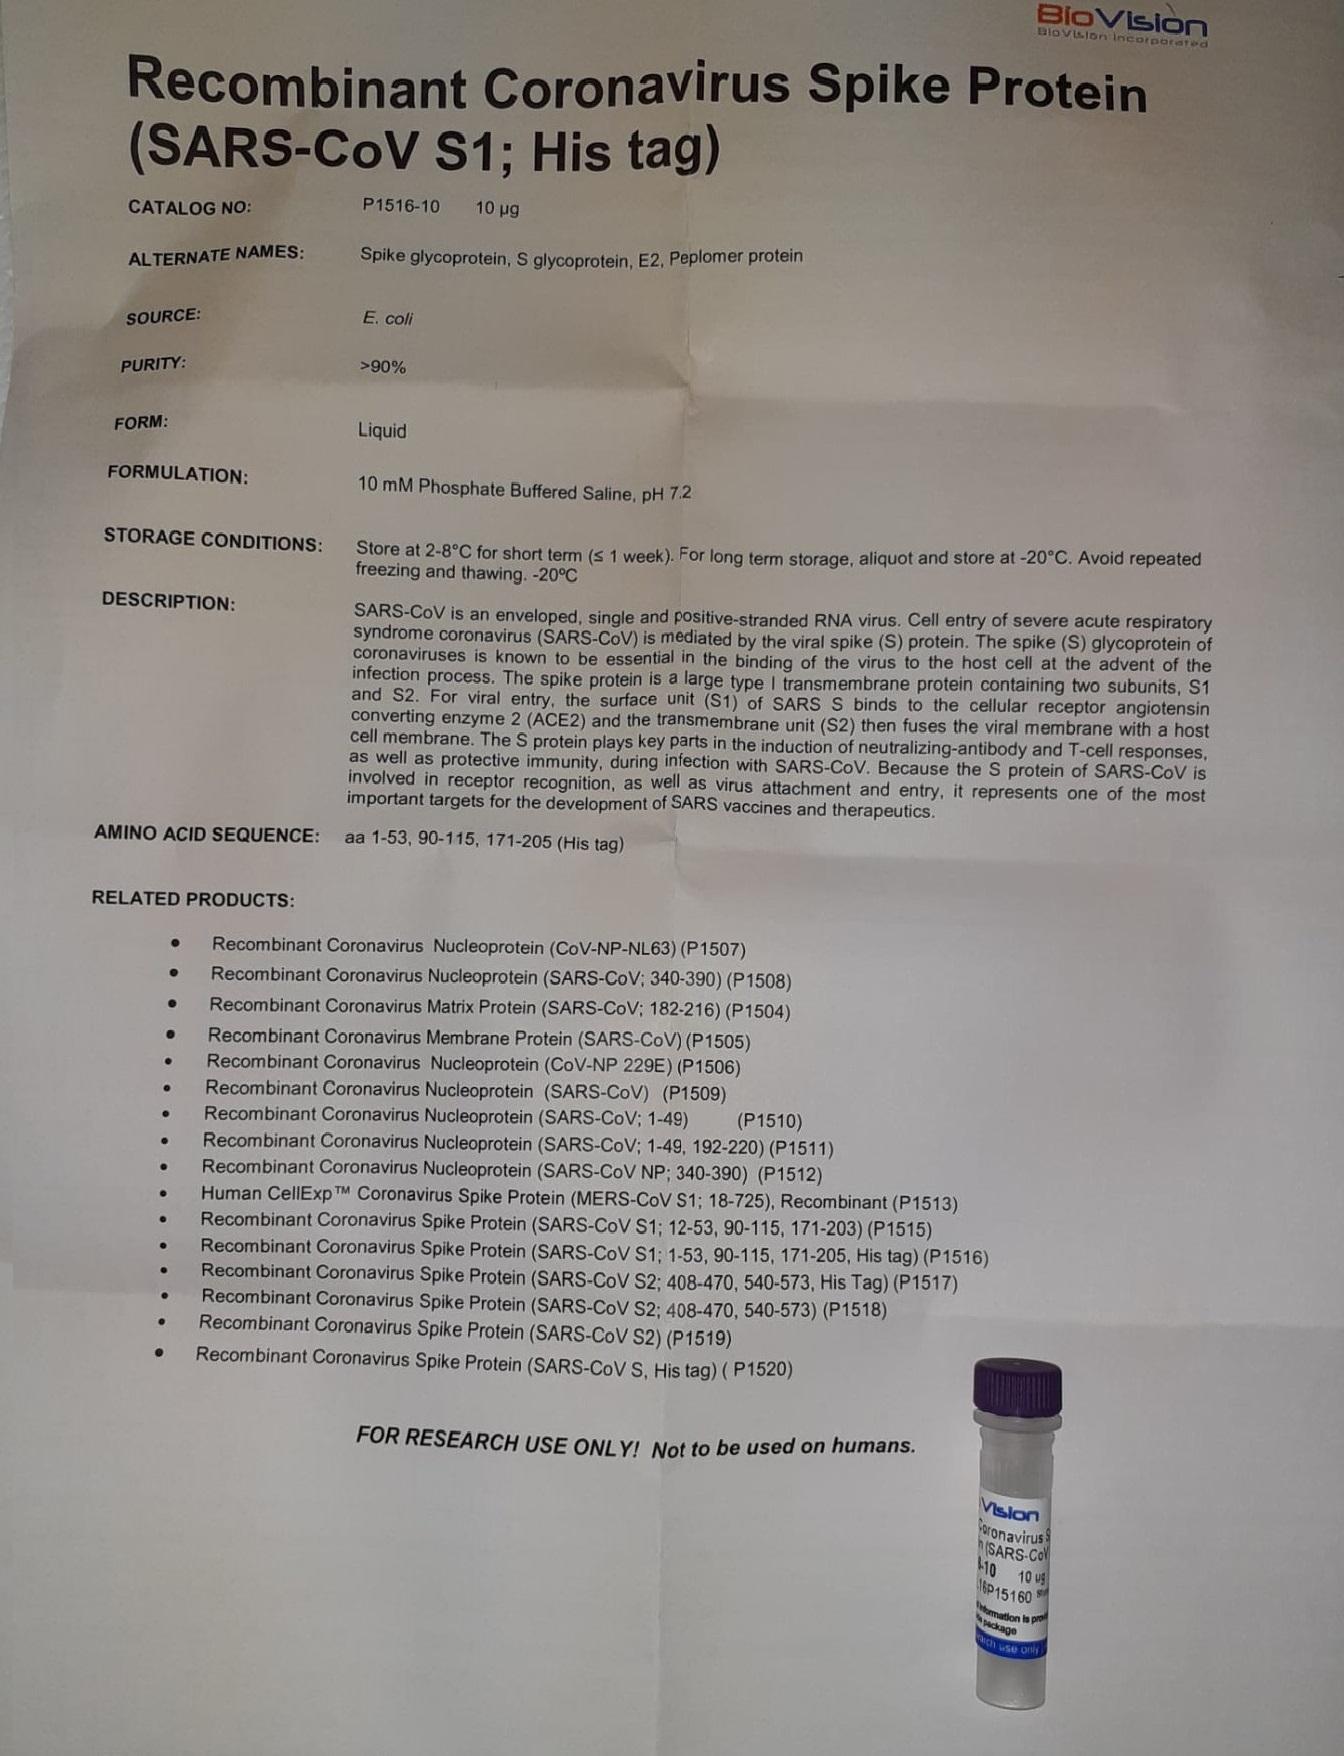 recombitant sars cov 2